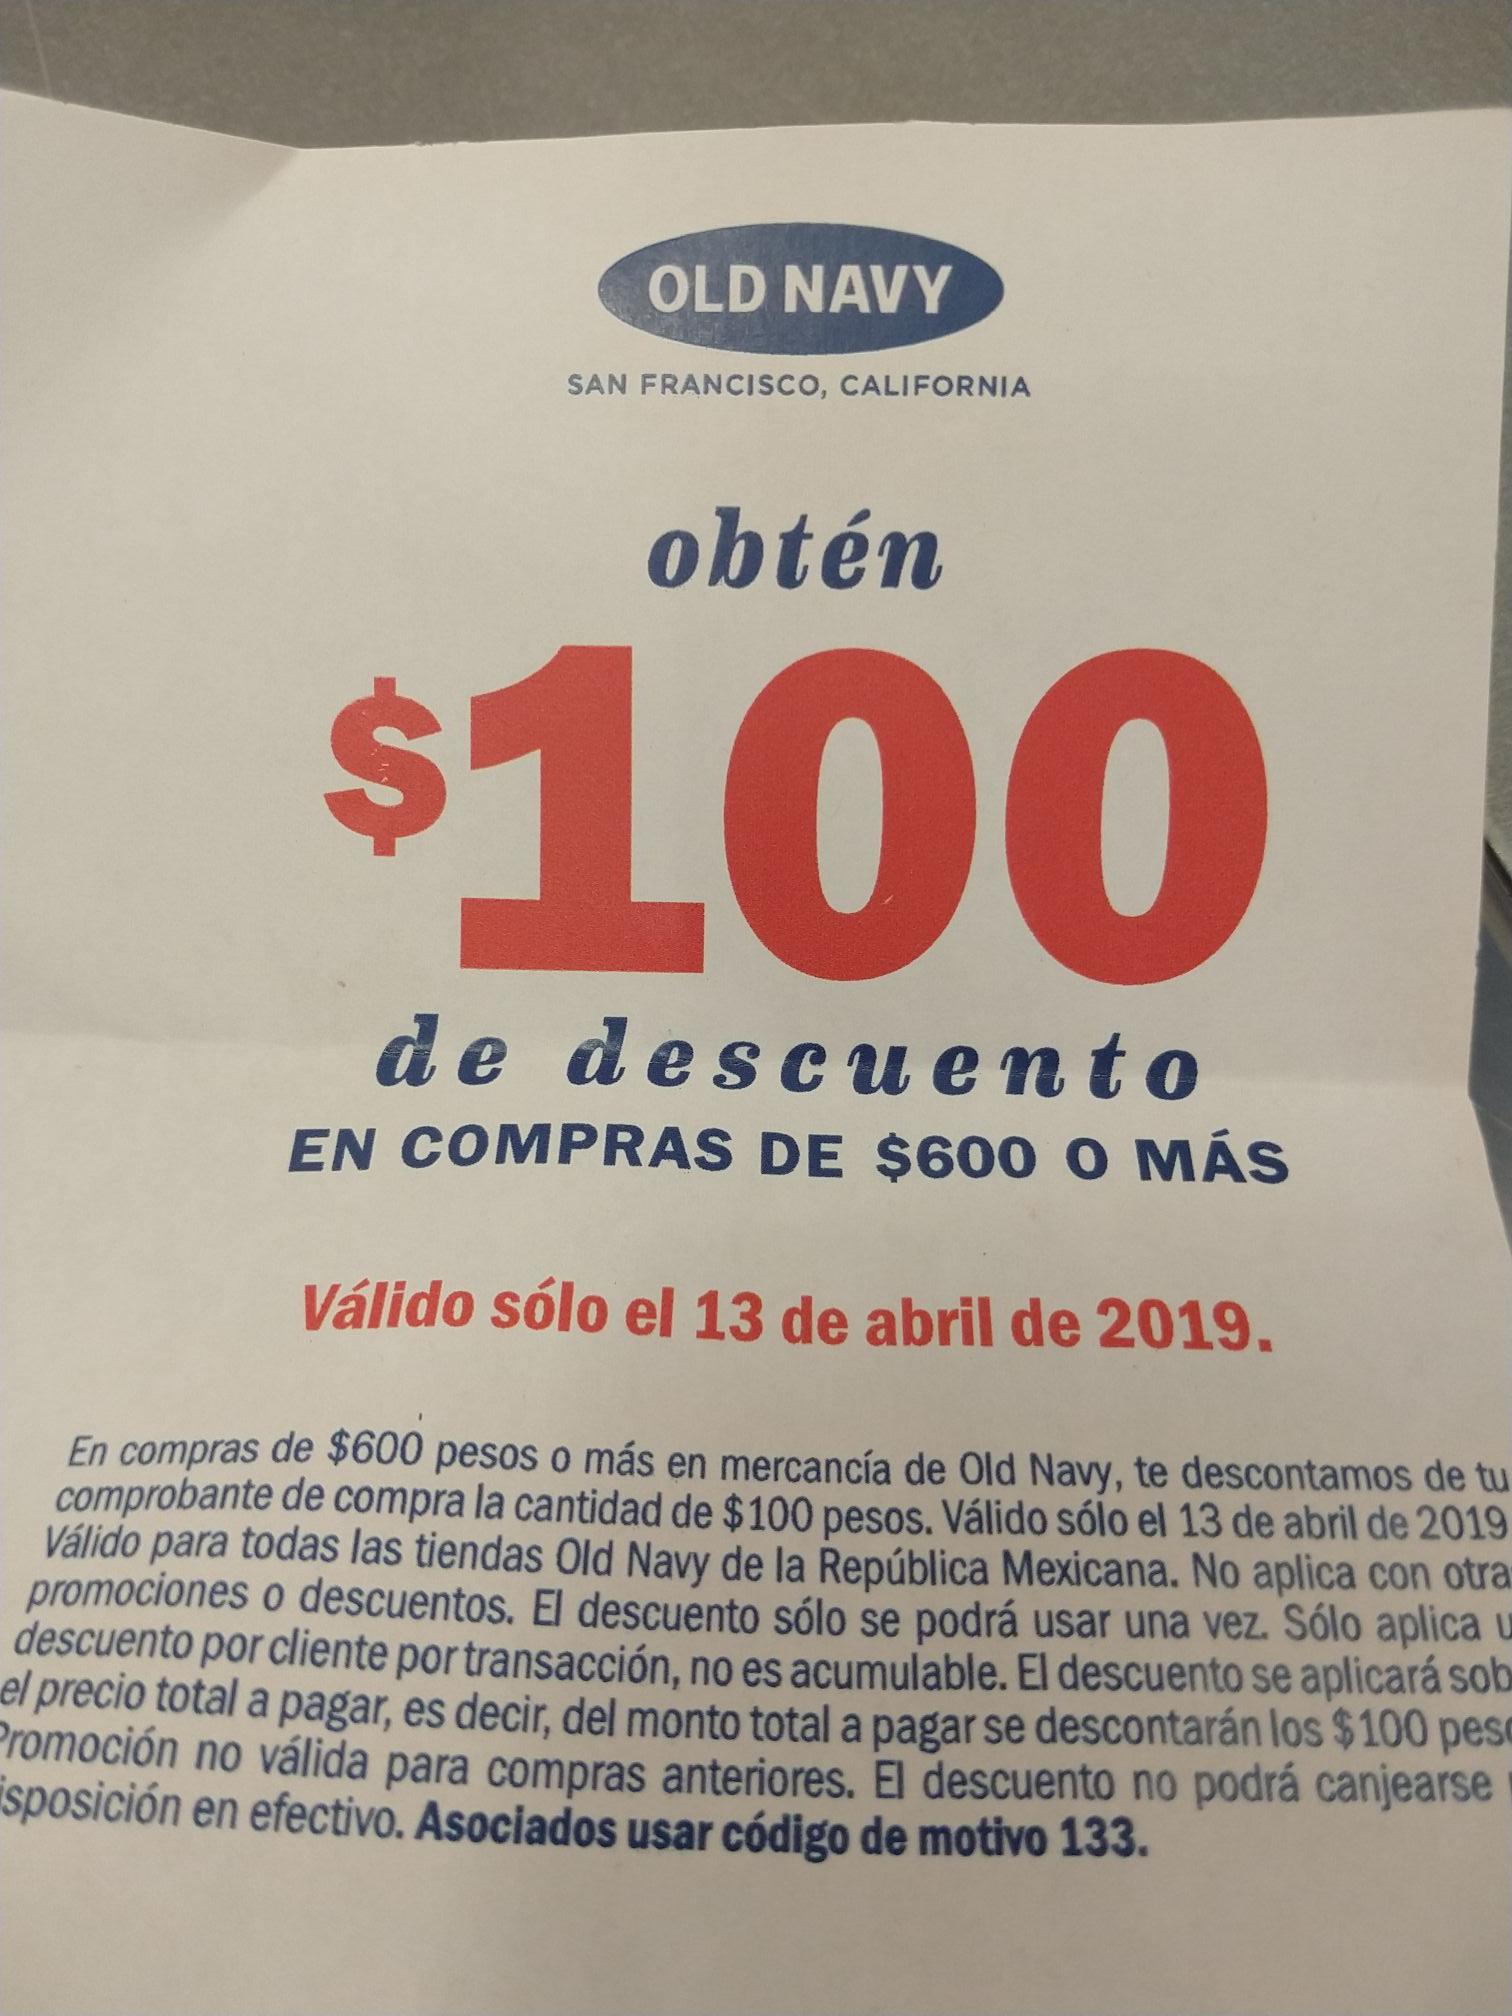 Old Navy: 100 de descuento